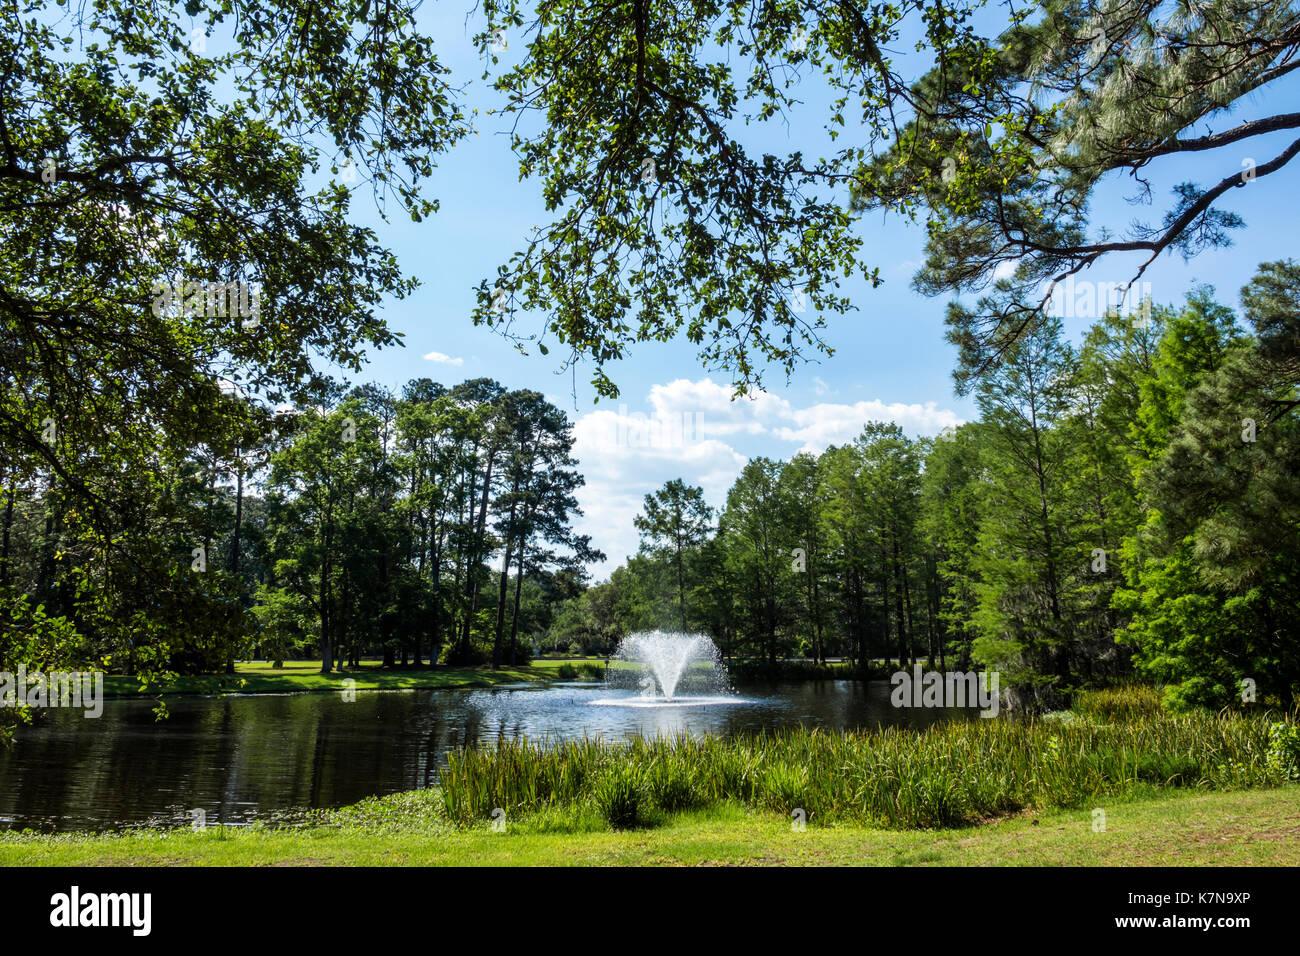 Brookgreen gardens south carolina stock photos brookgreen gardens south carolina stock images for Brookgreen gardens south carolina